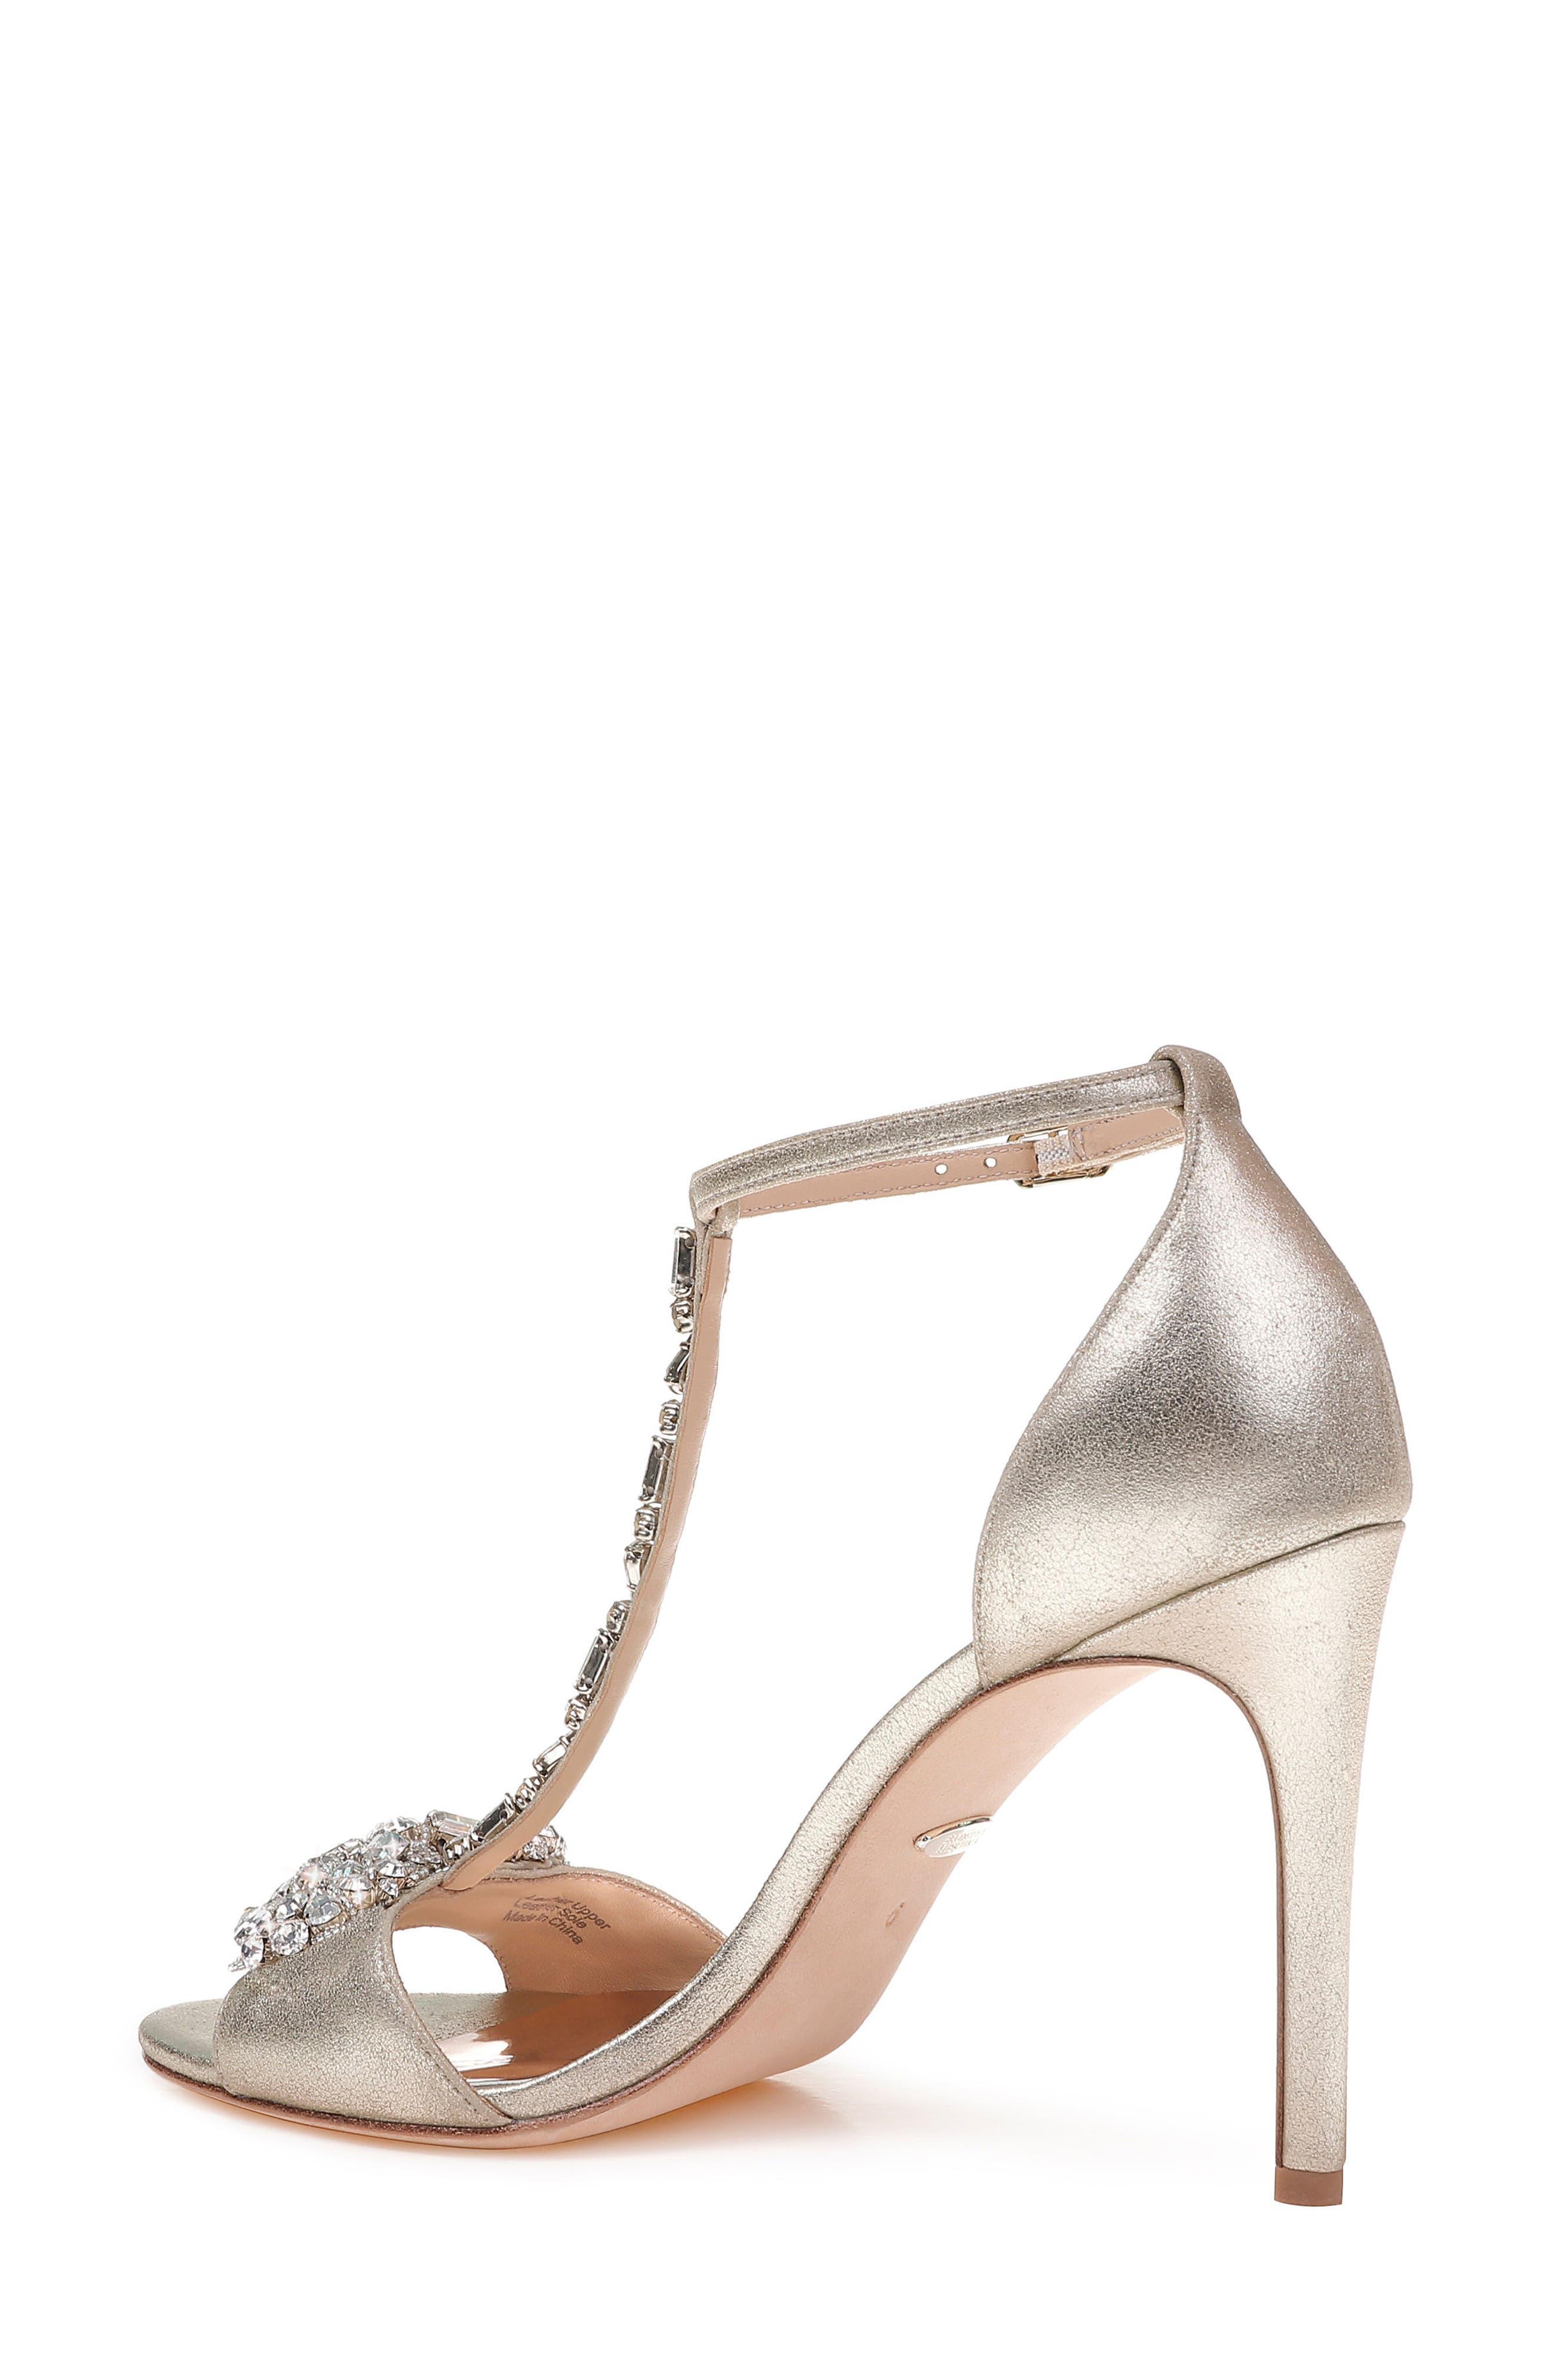 Pascale T-Strap Sandal,                             Alternate thumbnail 2, color,                             Platinum Metallic Suede